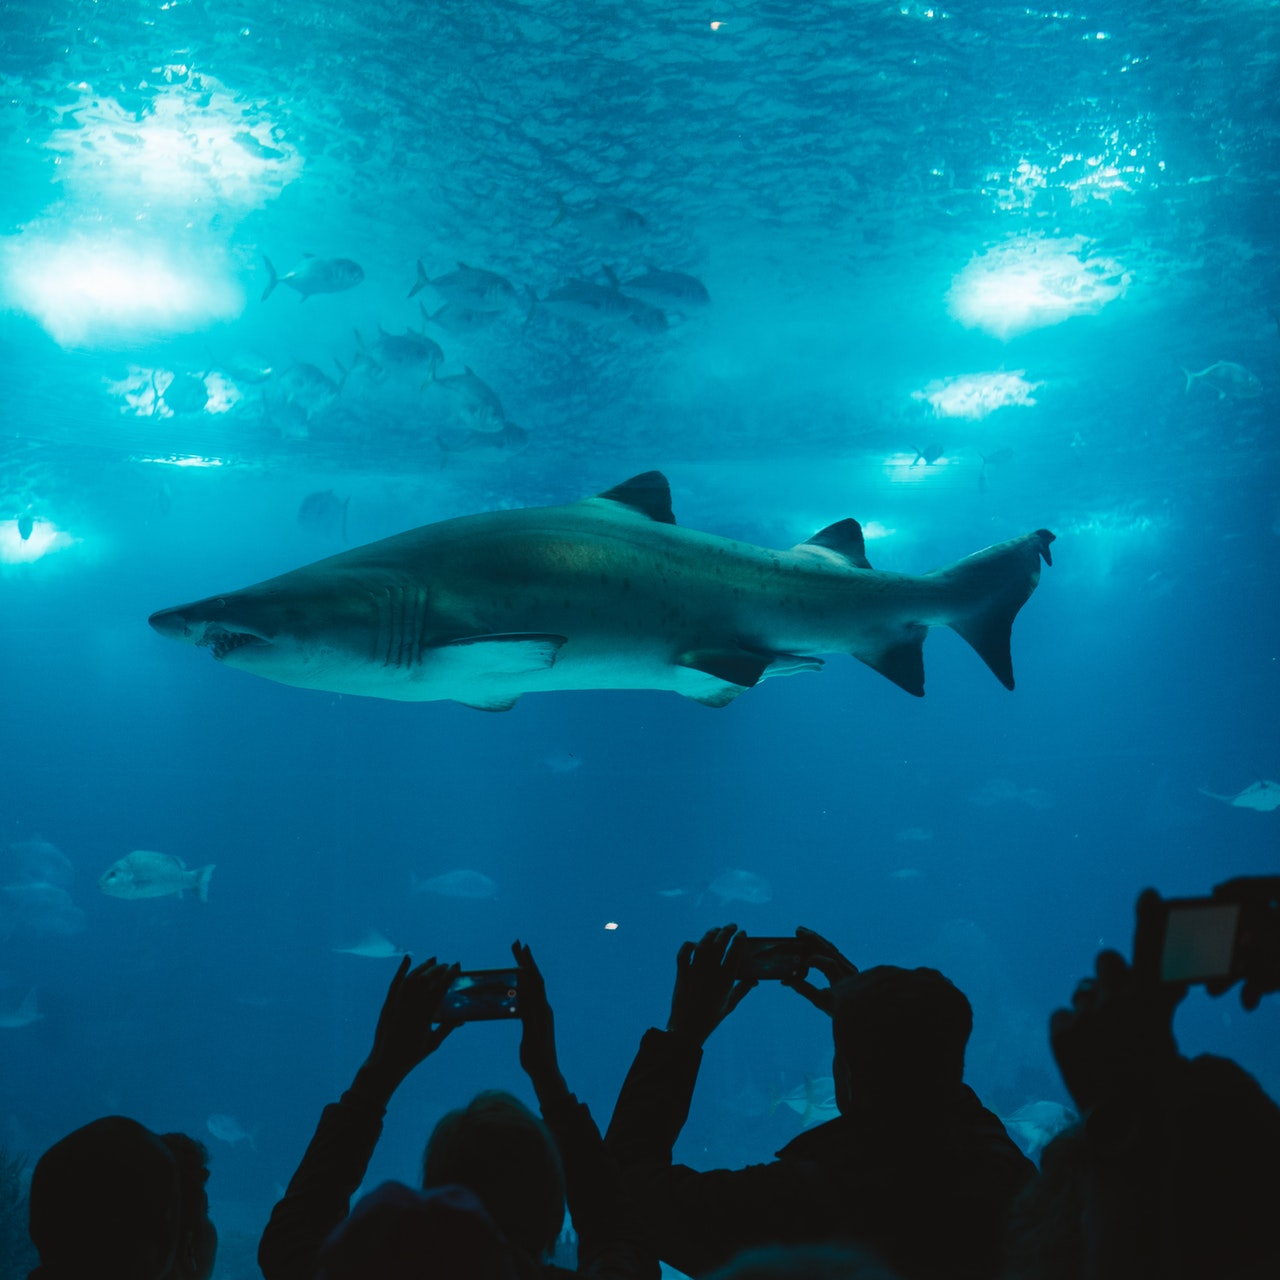 shark-aquarium-aquatic